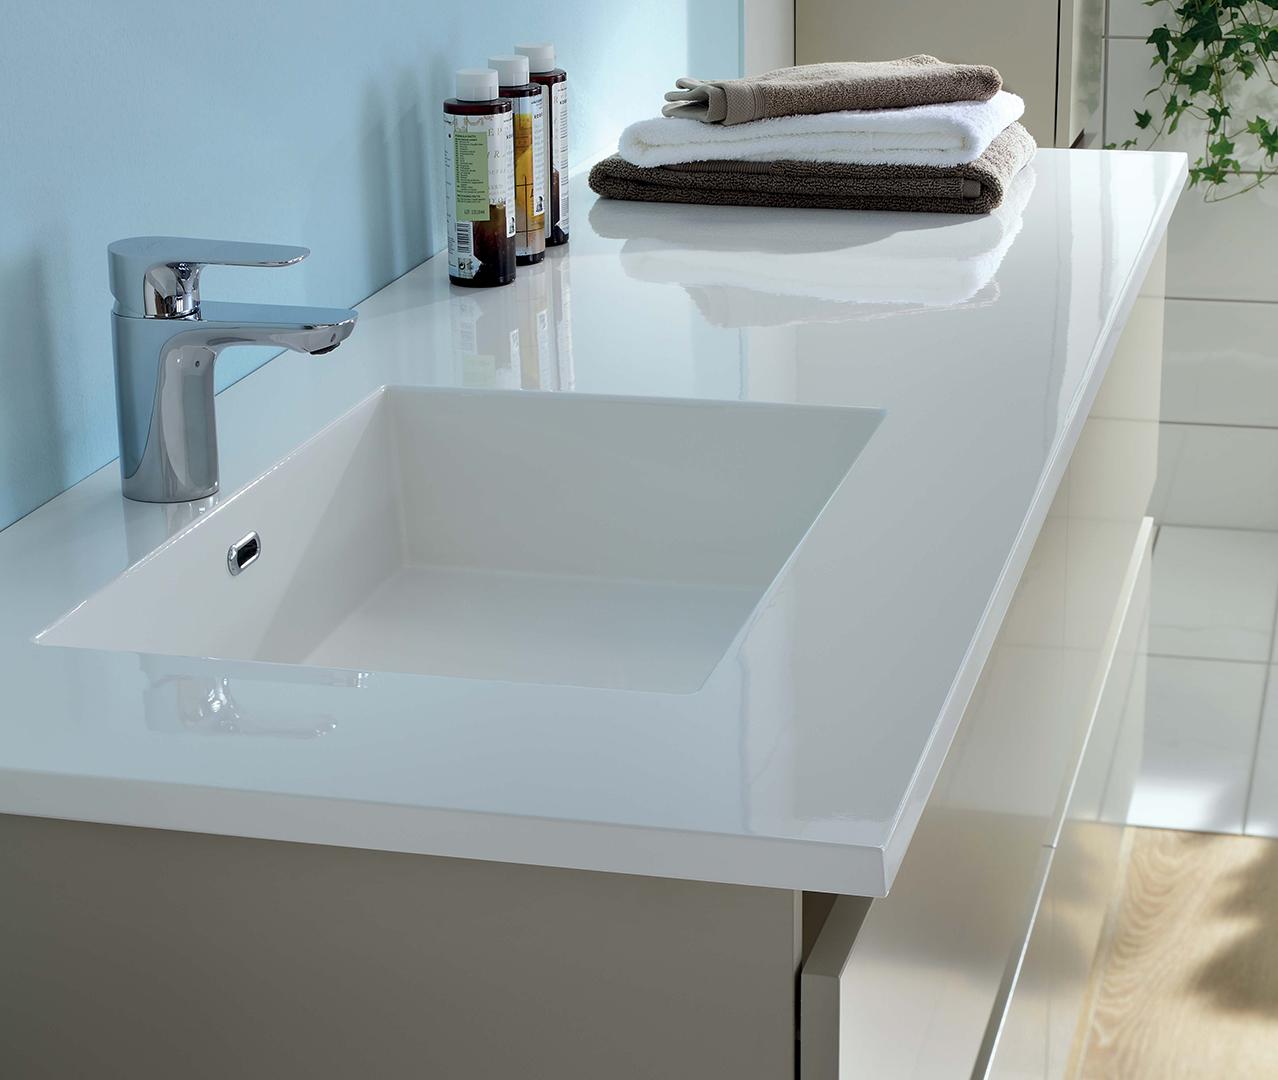 Gamme Sobro, grand meuble salle de bain - Sanijura